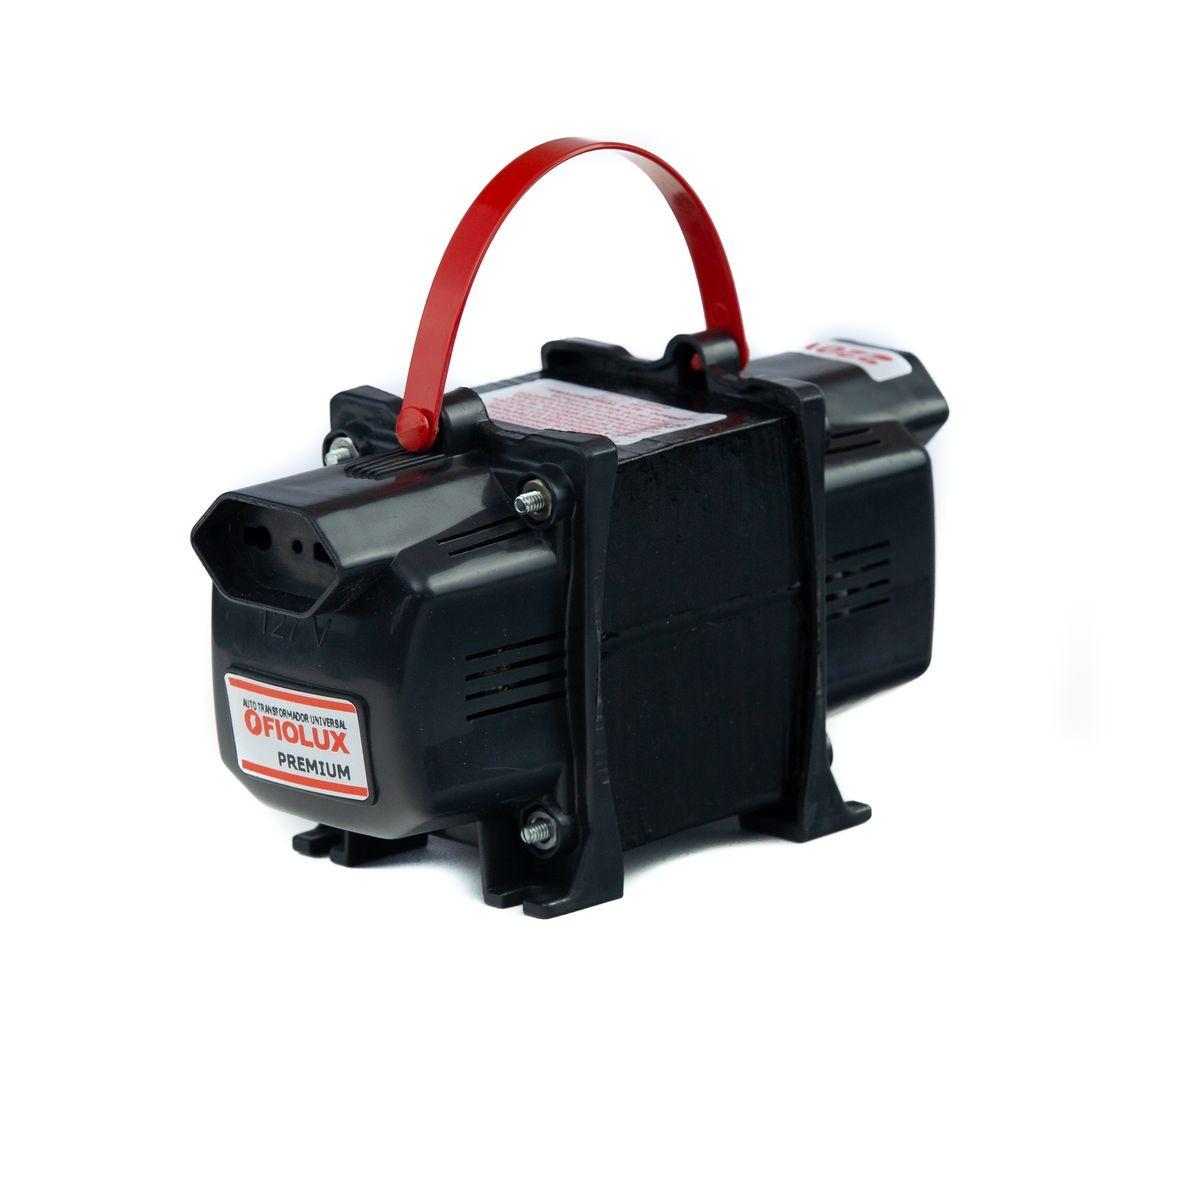 Transformador Fiolux Premium 2000VA Bivolt 110/220 e 220/110 Ref: 2000 VA